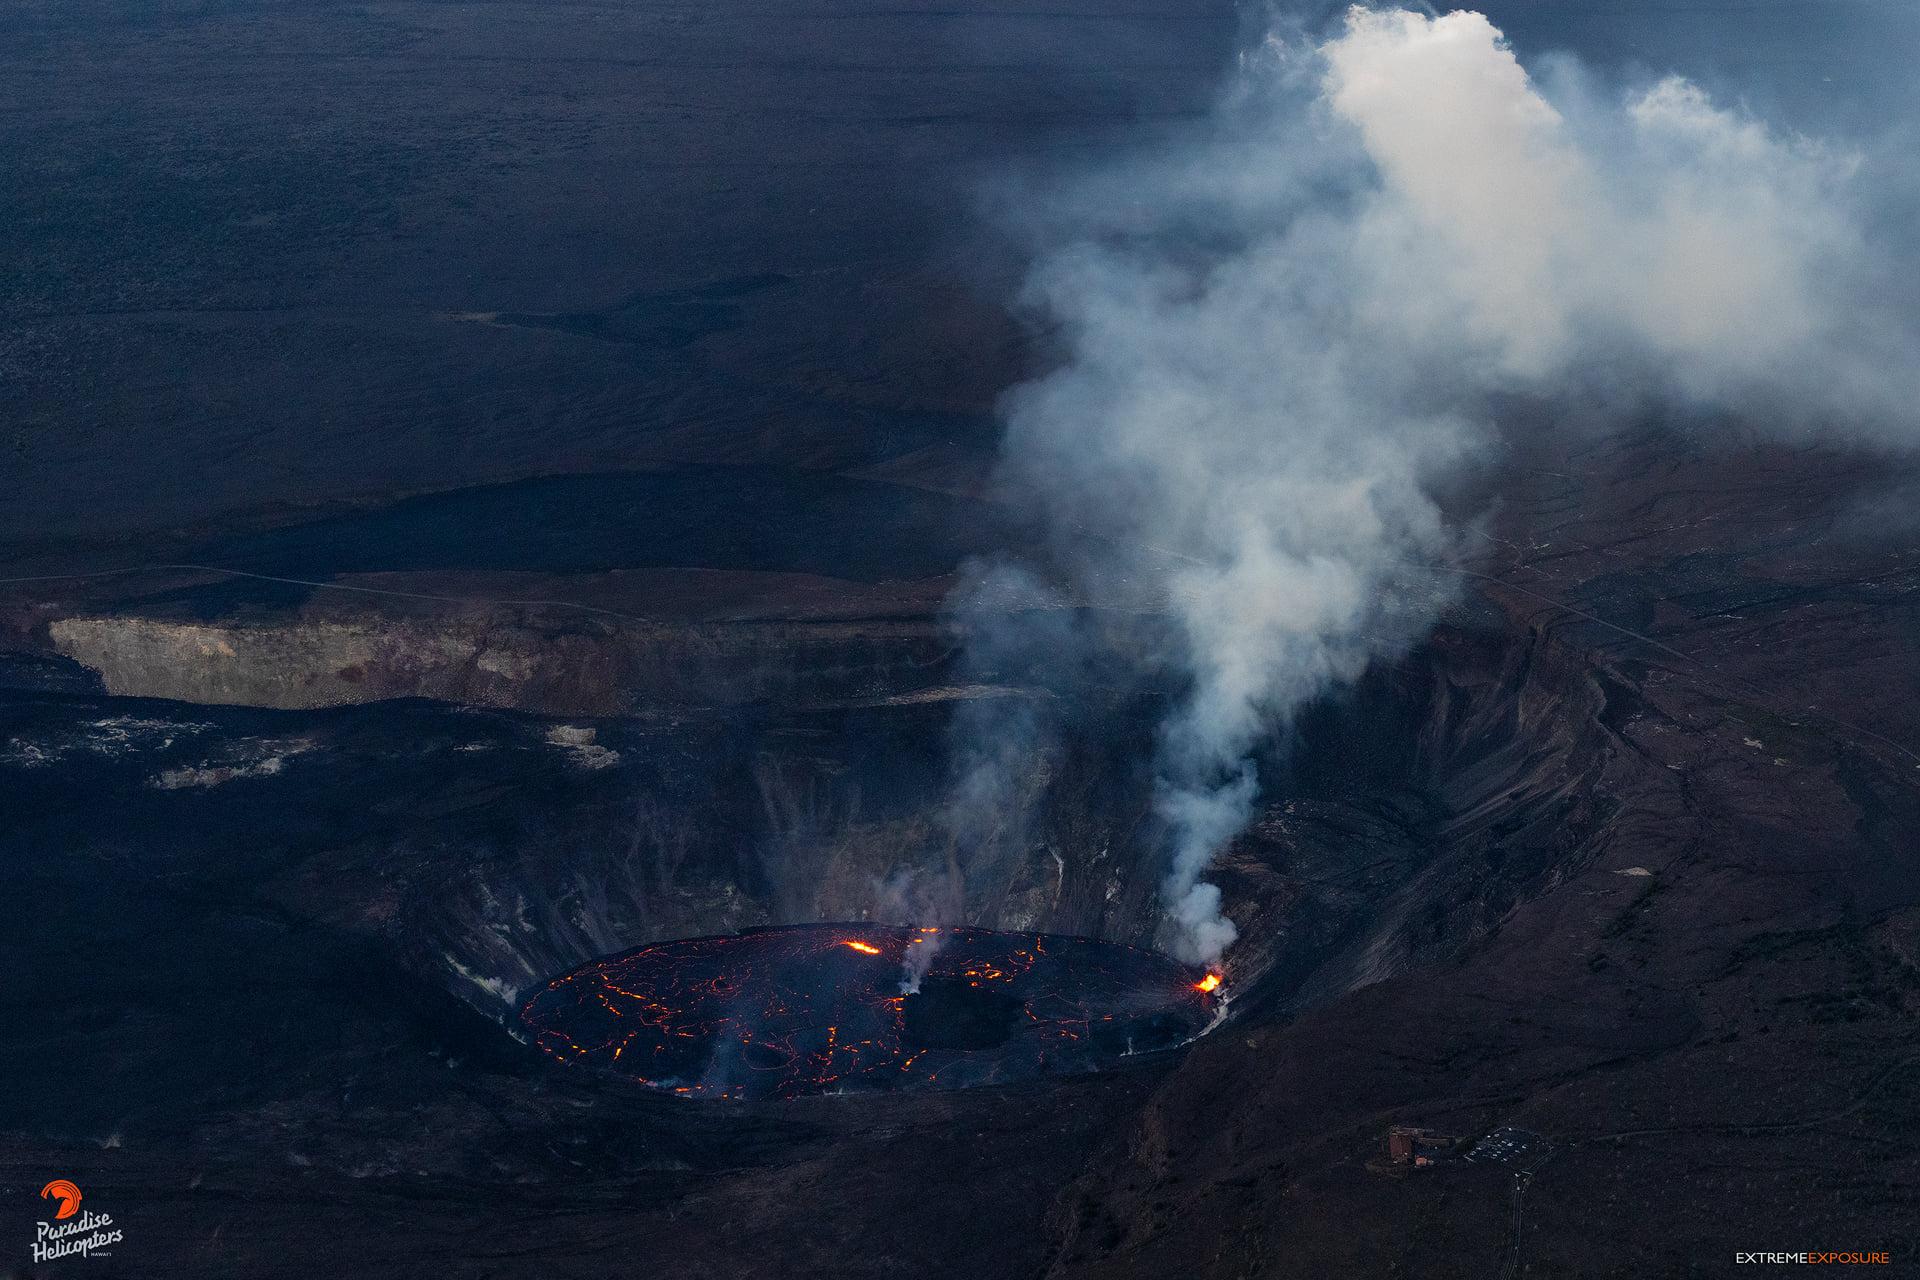 04 Octobre 2021. FR . Espagne / La Palma : Cumbre Vieja , Hawaii : Kilauea , Alaska : Great Sitkin , Equateur : Reventador , Guatemala : Santiaguito .